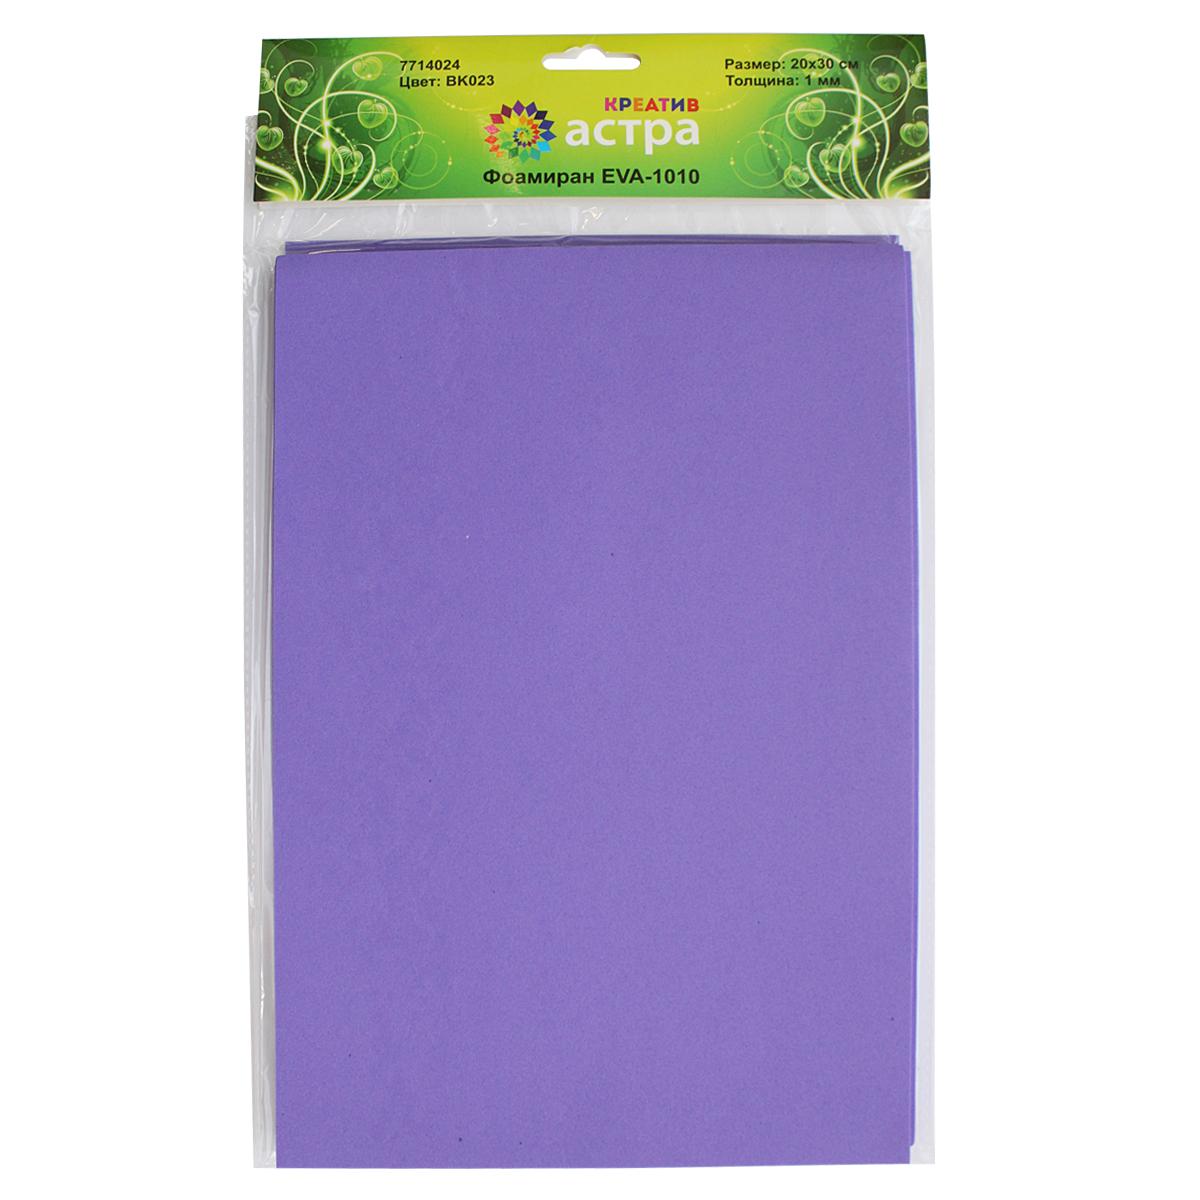 Фоамиран Астра, цвет: фиолетовый, 20 х 30 см, 10 шт7714024_BK023 фиолетовыйФоамиран Астра - это пластичная замша, ее можно применить для создания разнообразного вида декора: открытки, магнитики, цветы, забавные игрушки и т.д.Главная особенность материала фоамиран заключается в его способности к незначительному растяжению, которого вполне достаточно для «запоминания» изделием своей формы. На ощупь мягкая синтетическая замша очень приятна и податлива, поэтому работать с ней не составит труда даже начинающему. Размер ткани: 200 x 300 мм.В упаковке 10 штук.